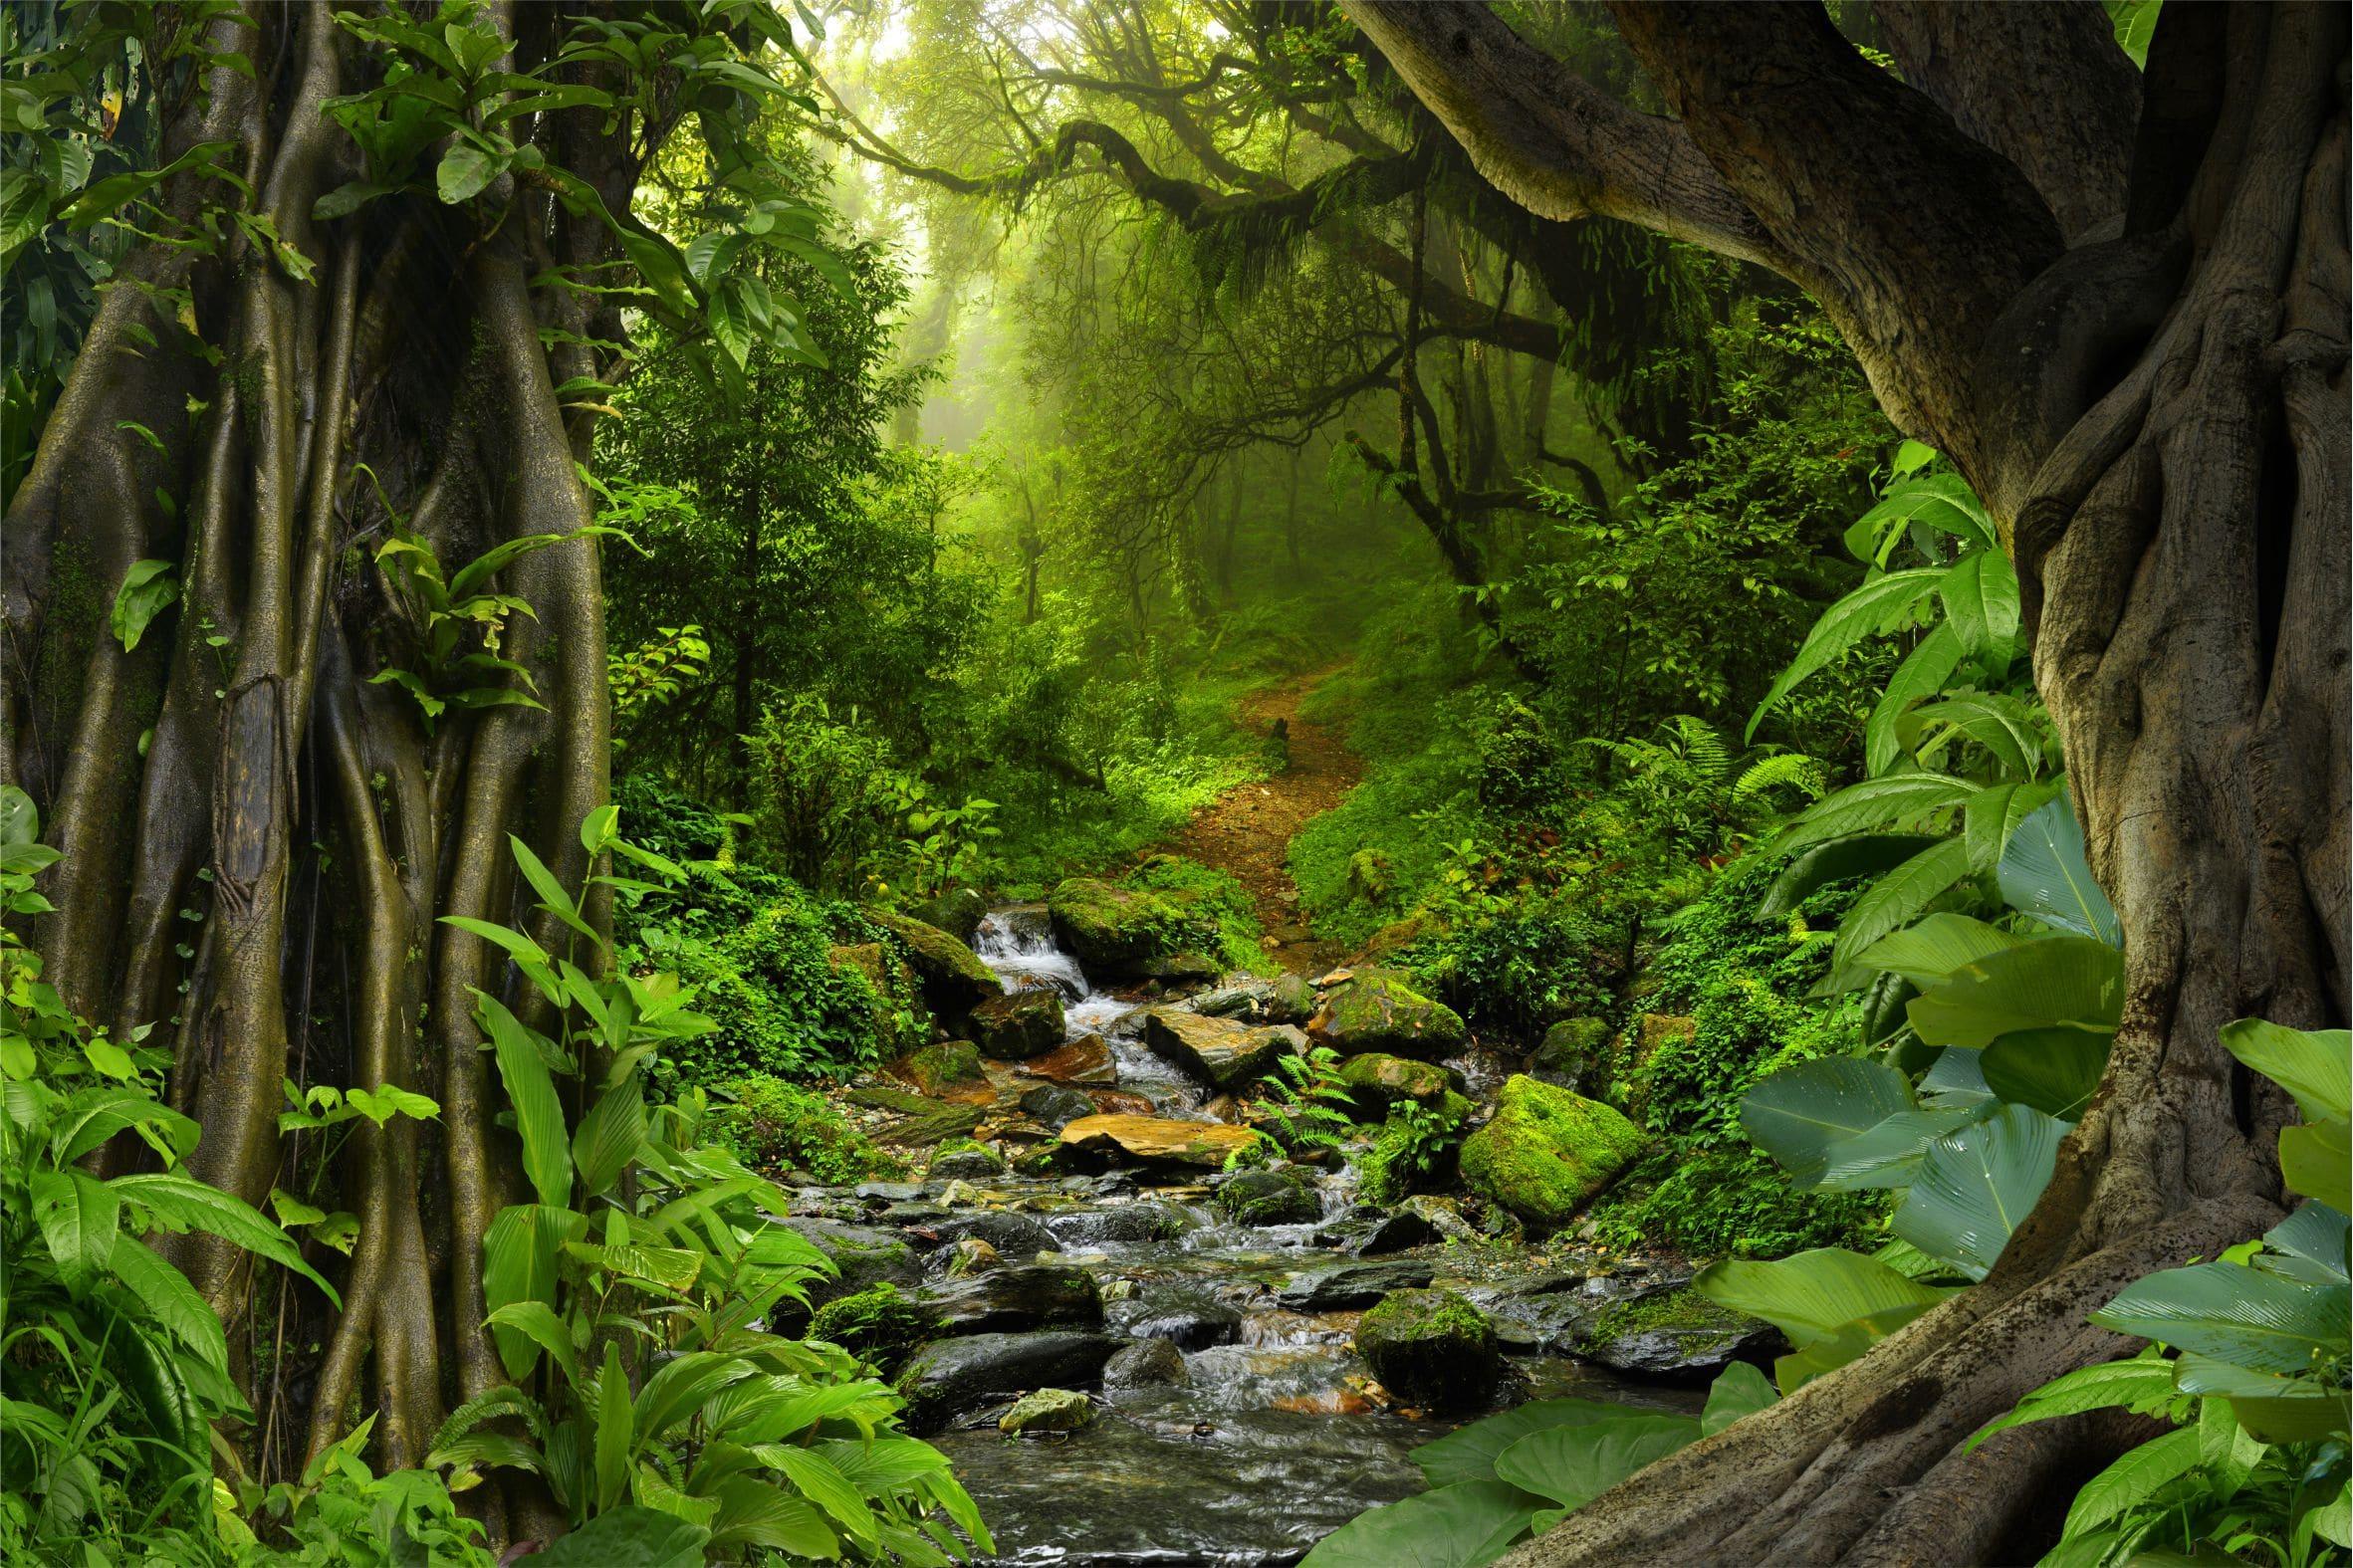 Riacho em floresta Amazônica.